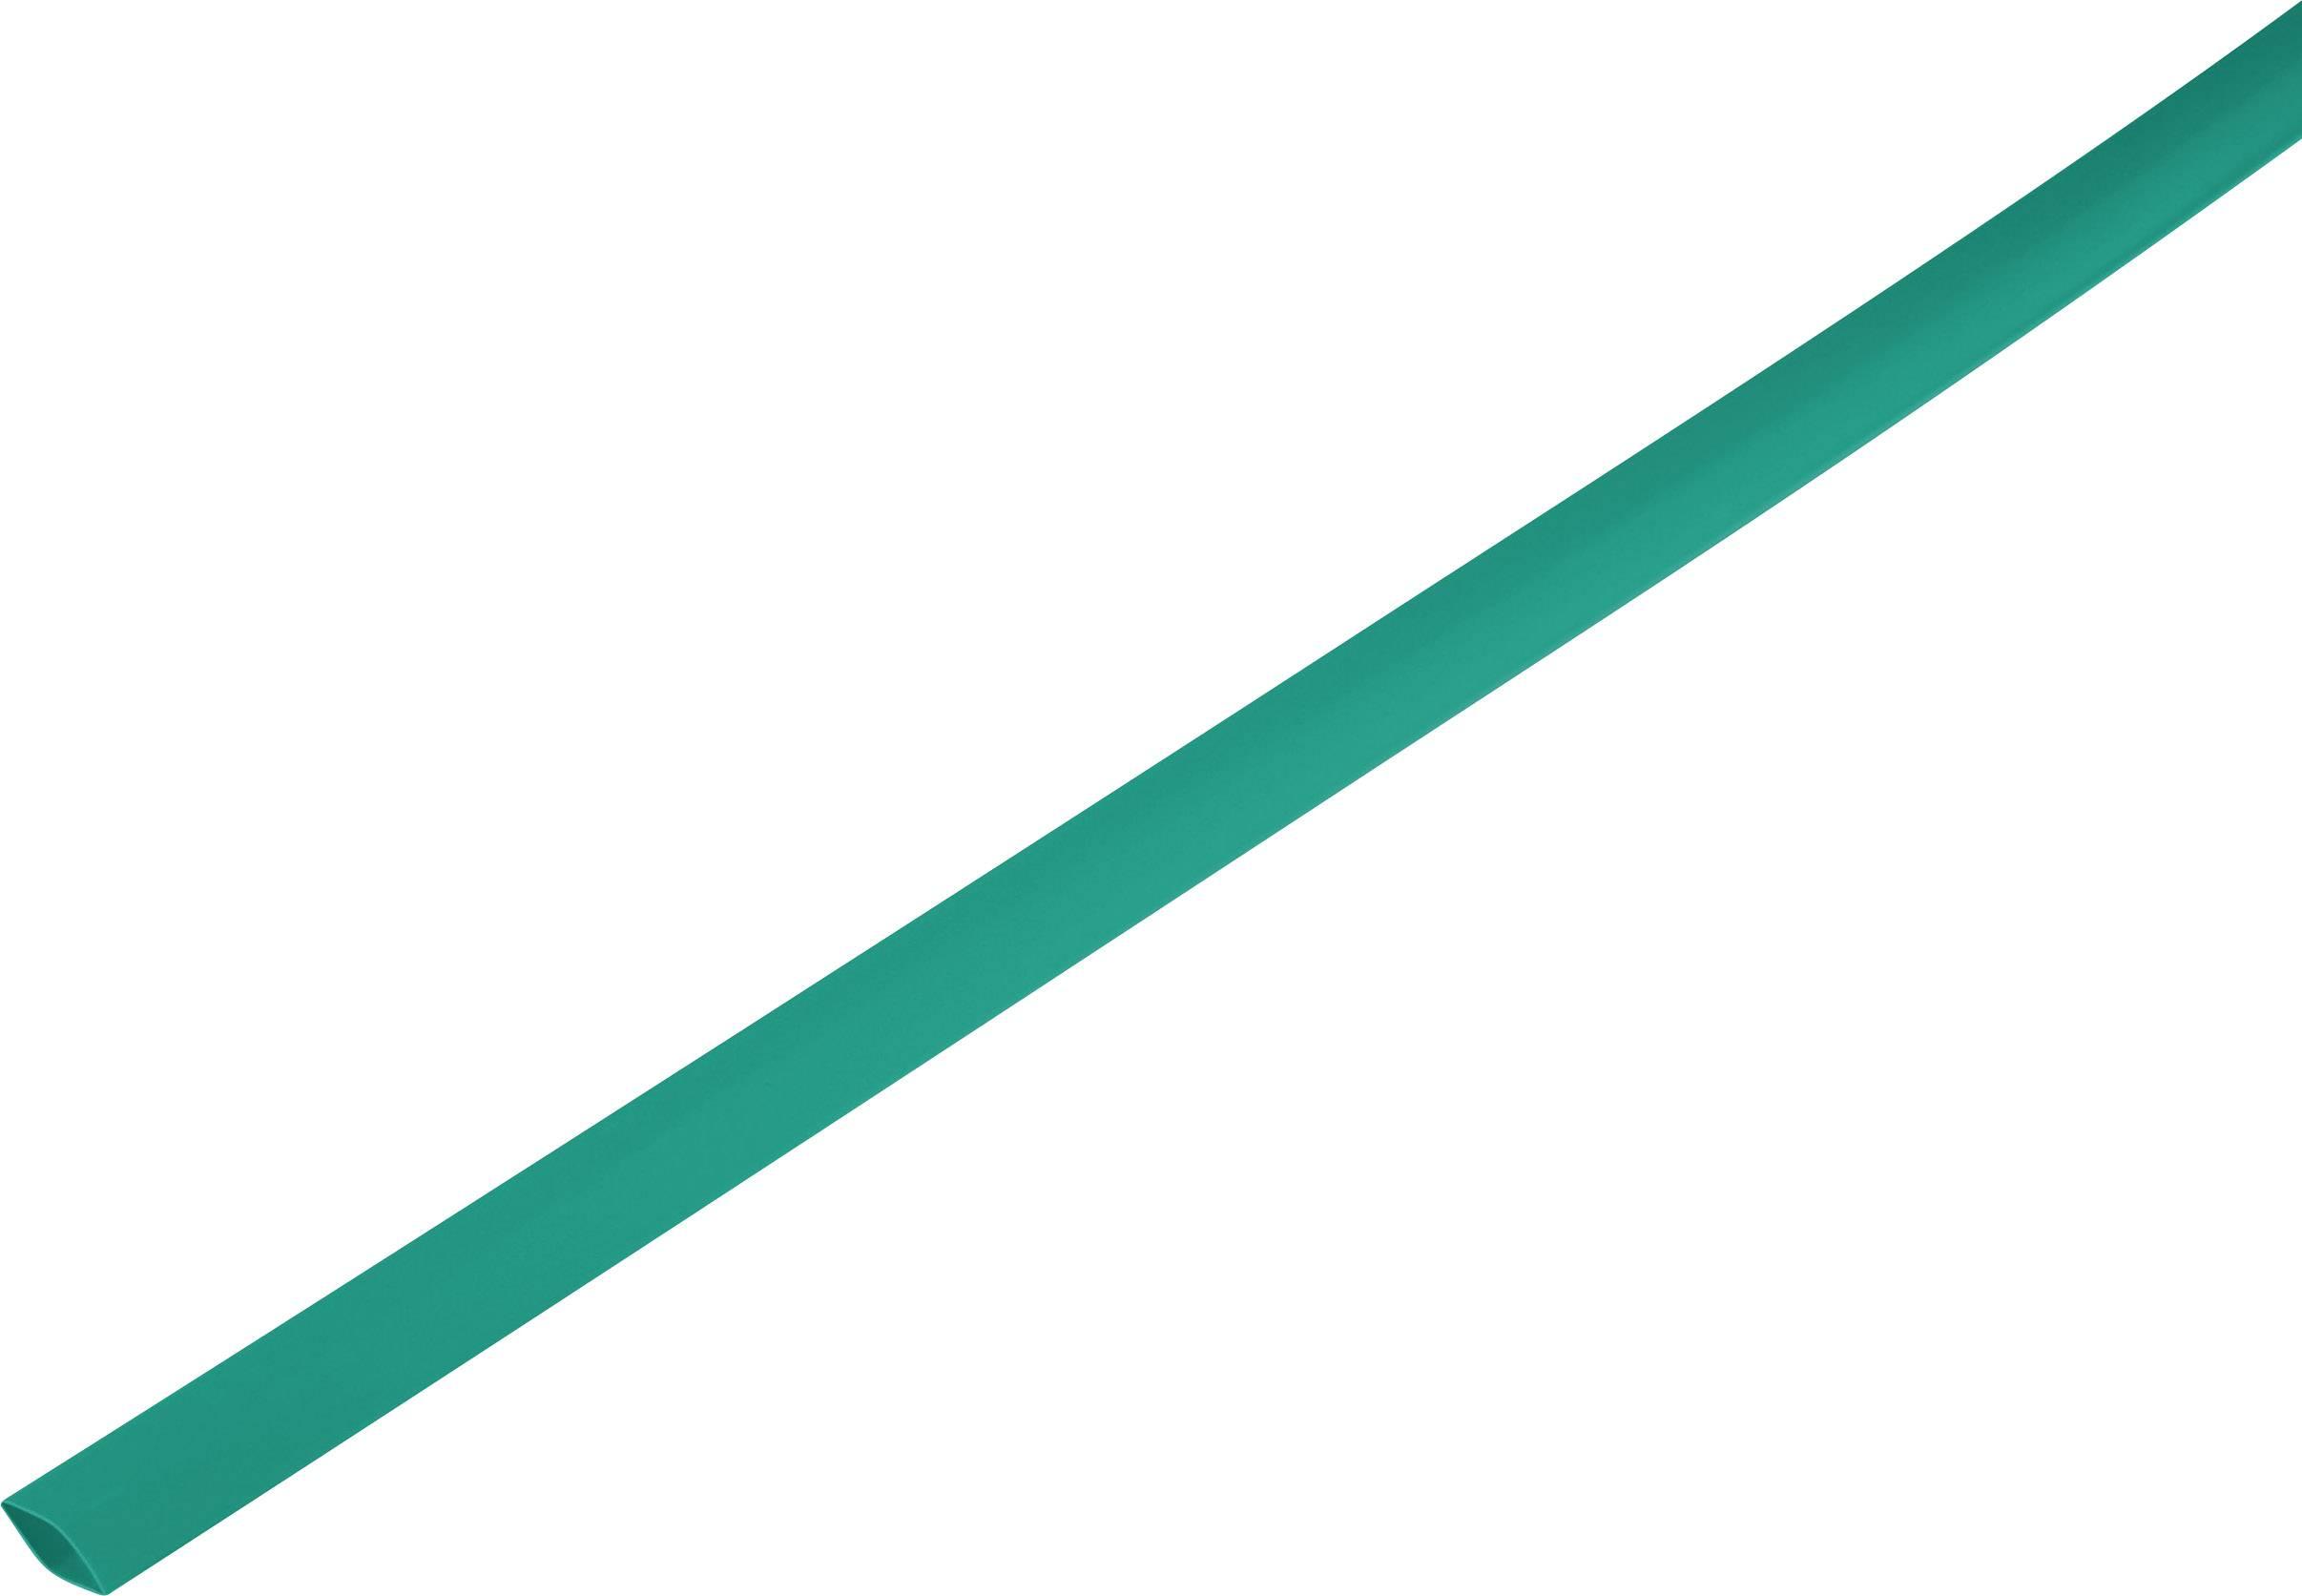 Zmršťovacia bužírka bez lepidla 1225418, 2:1, 10.70 mm, zelená, metrový tovar